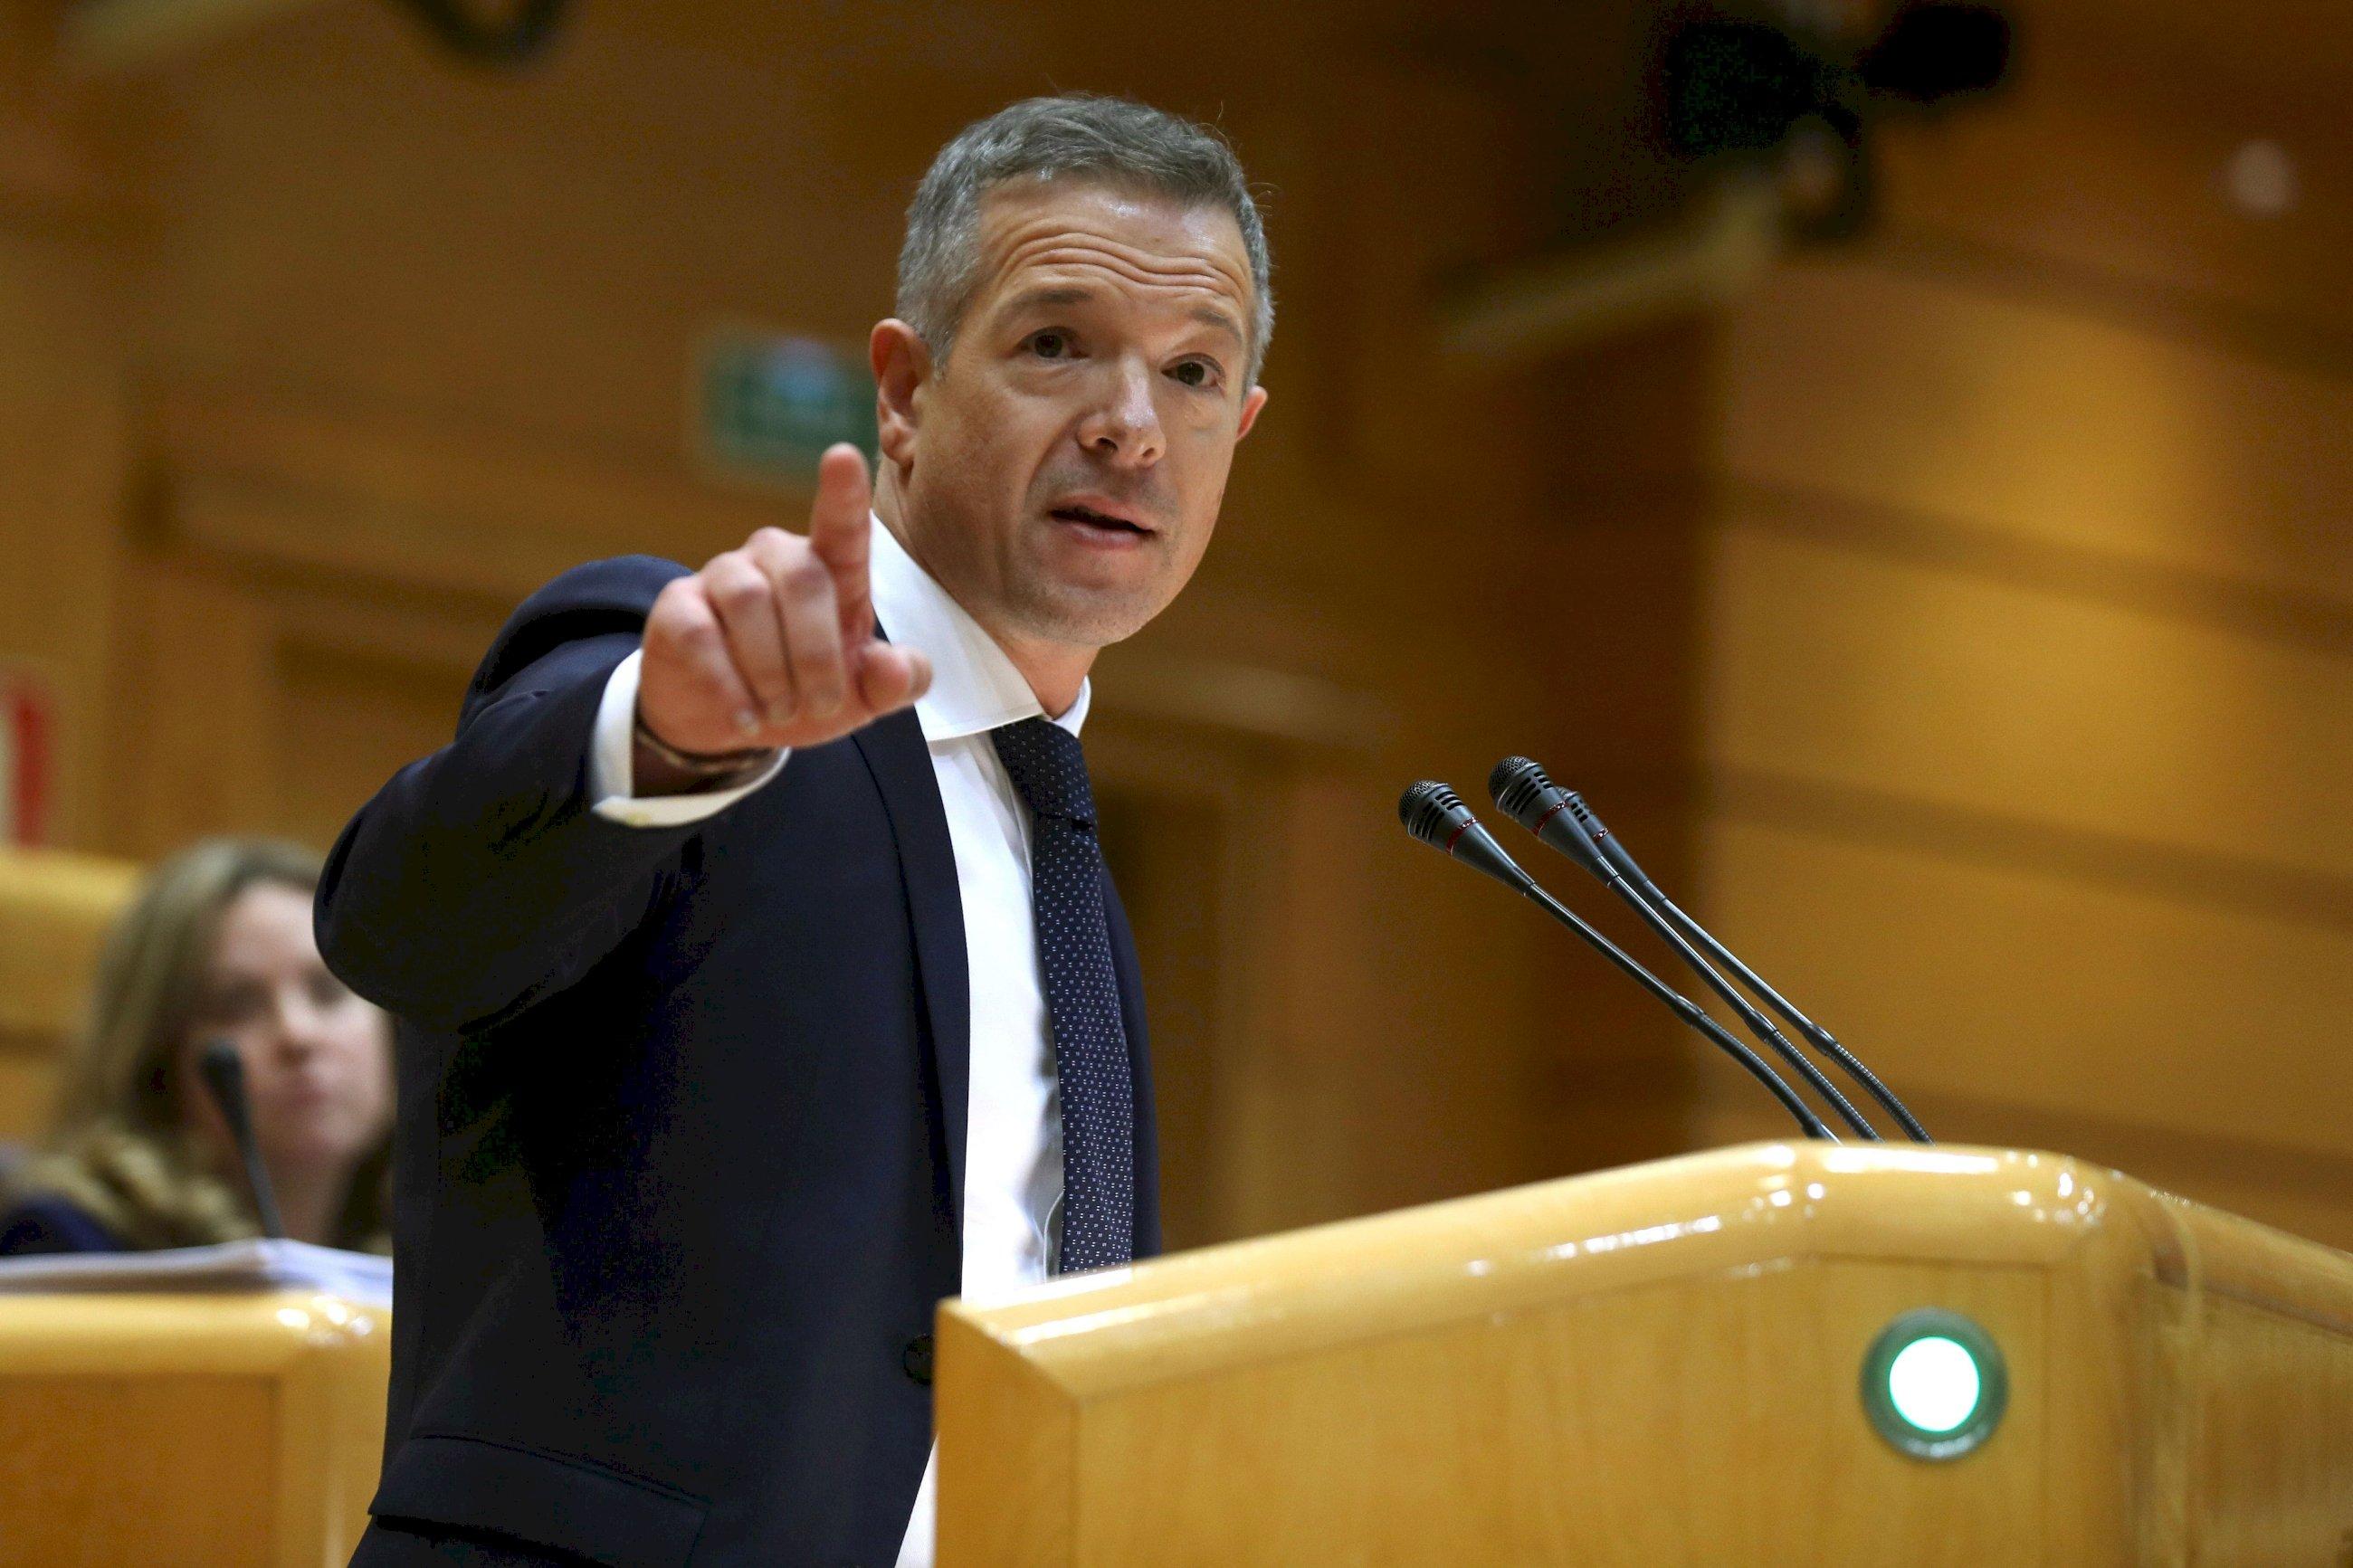 El portavoz del PSOE en el Senado, Ander Gil | EFE/Kiko Huesca/Archivo